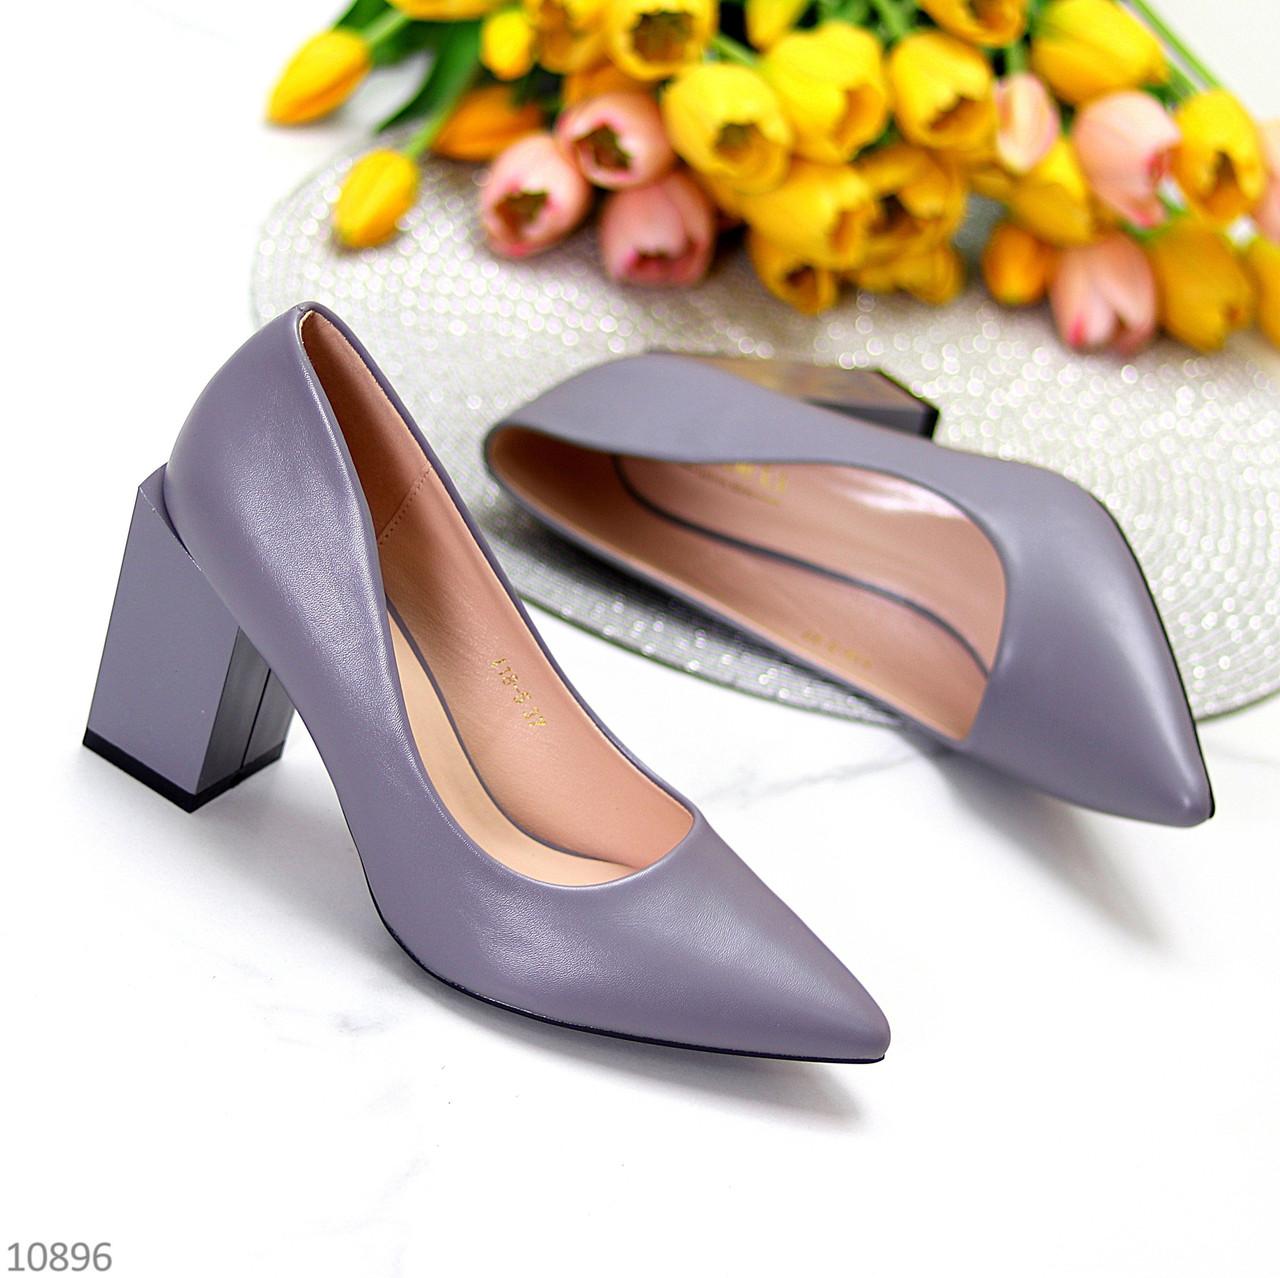 Модельні сірі лілові жіночі туфлі човники на фігурному підборі в асортименті